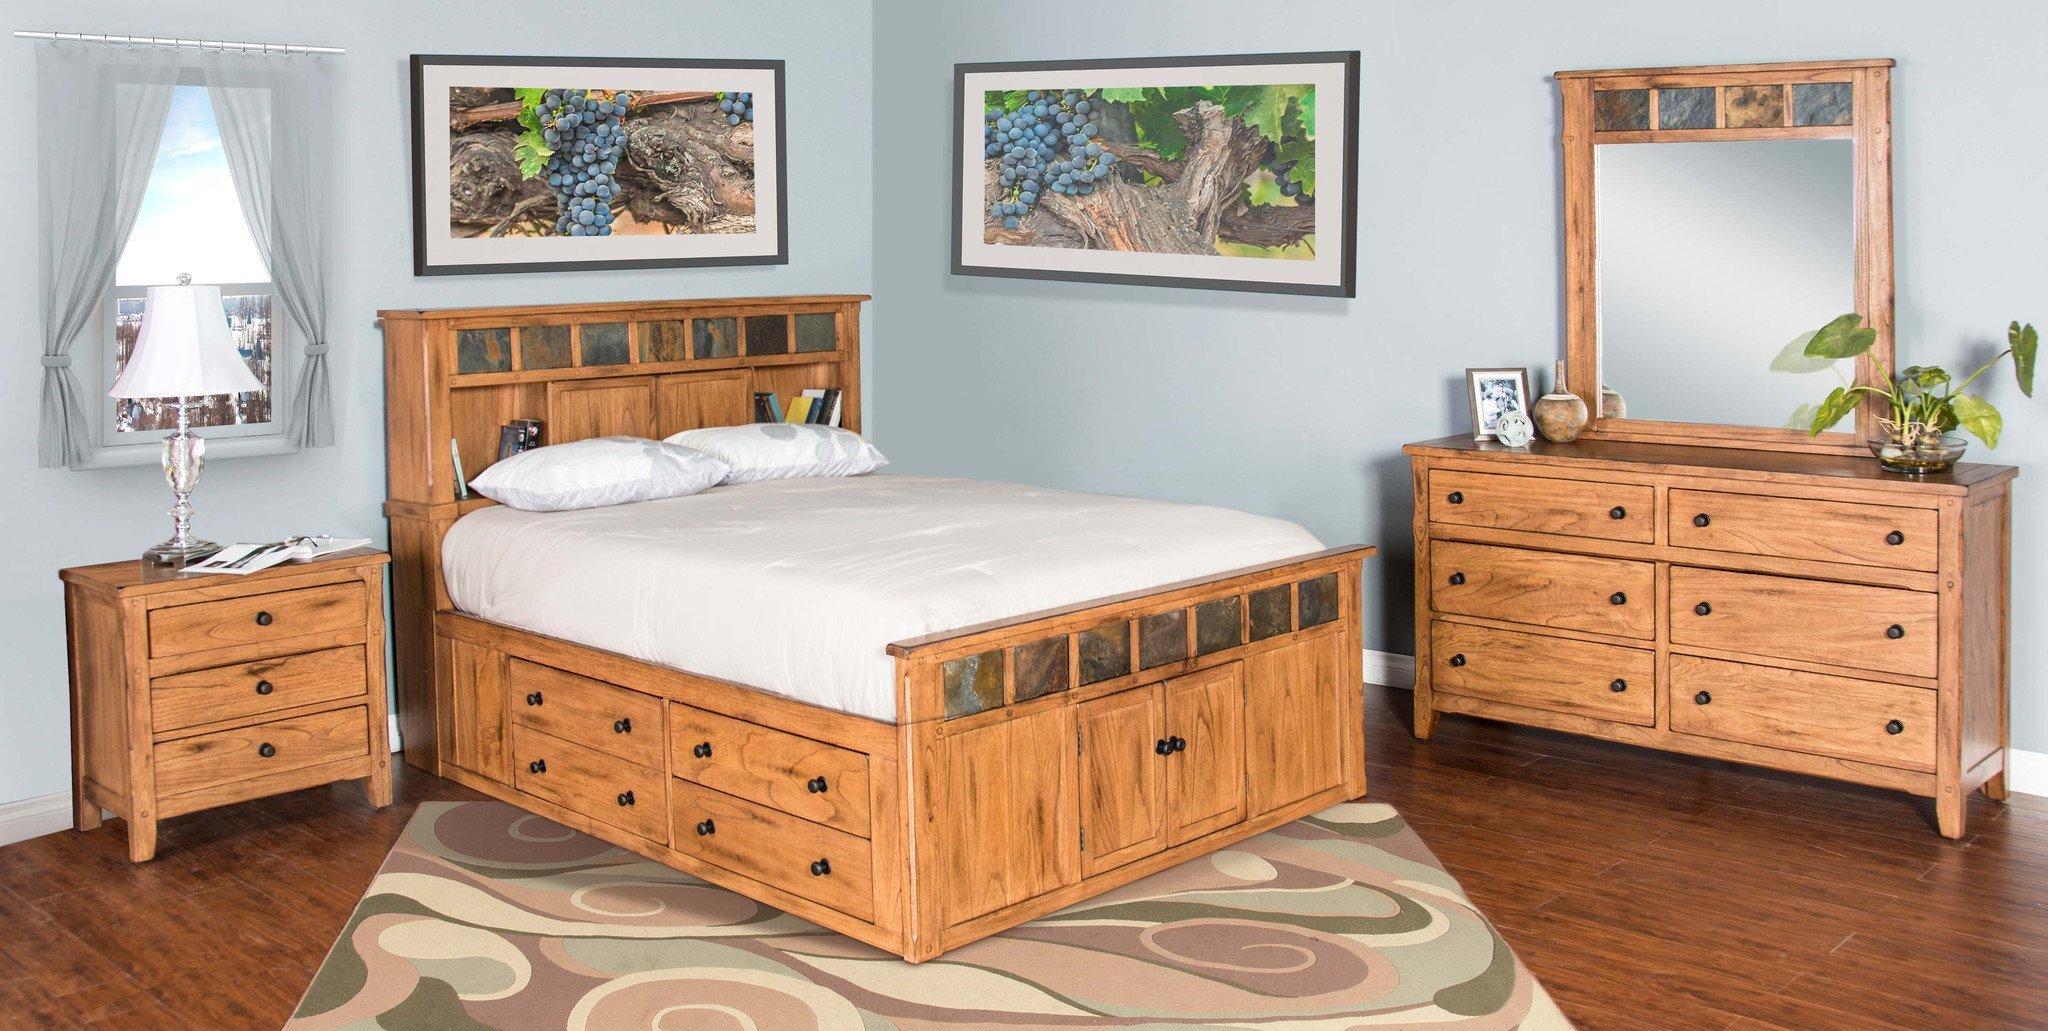 Queen Bedroom Set with Storage Drawers Unique Sedona Rustic Petite Storage Bedroom Suite Queen Size